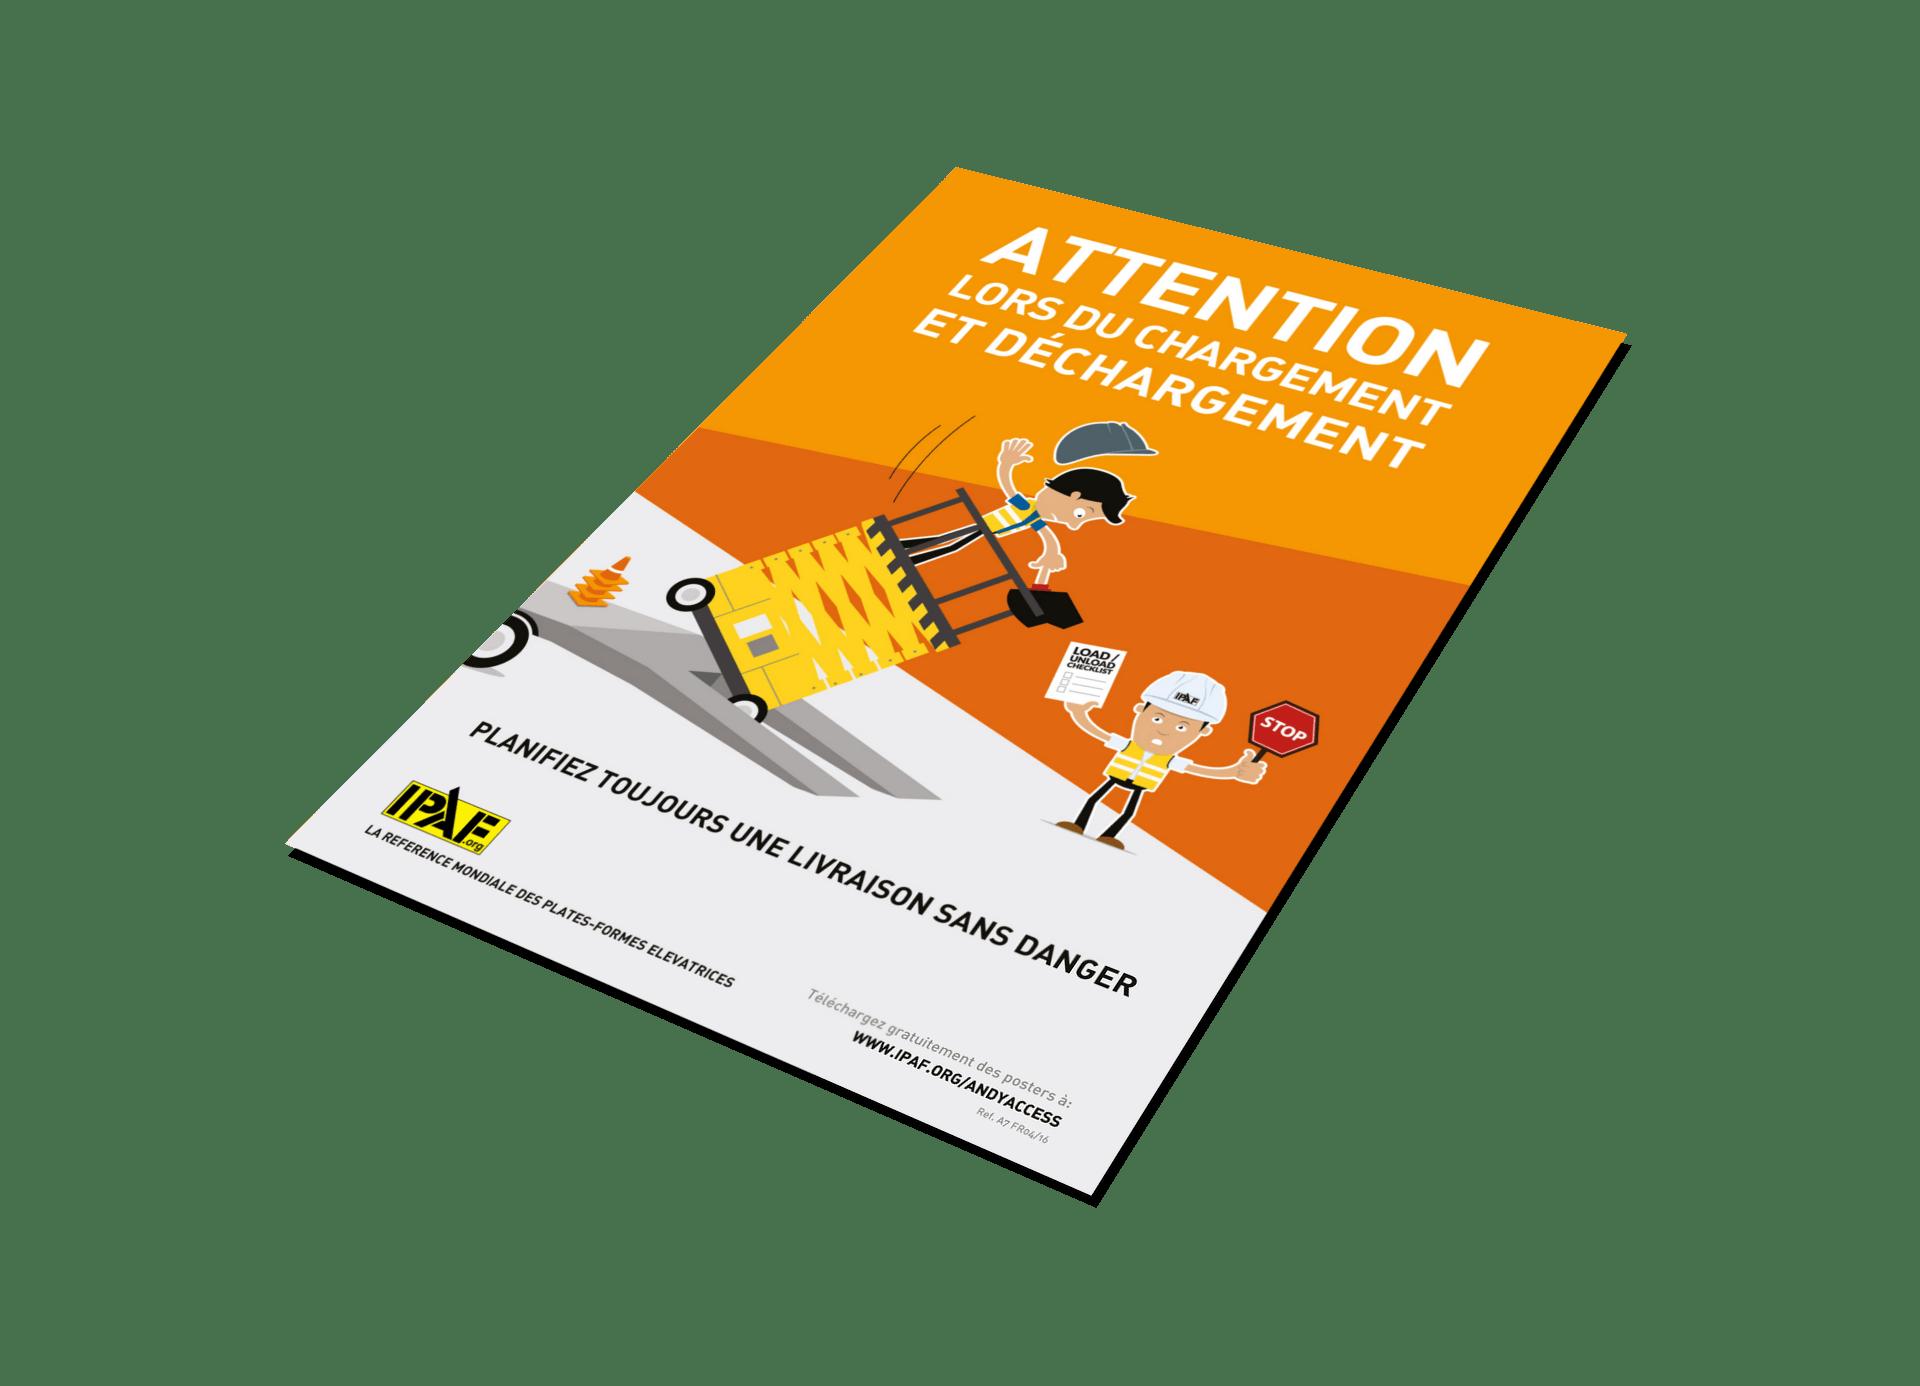 """Kampagnen """"Andy Access"""" Download Französisch """"Attention lors du chargement et déchargement"""""""